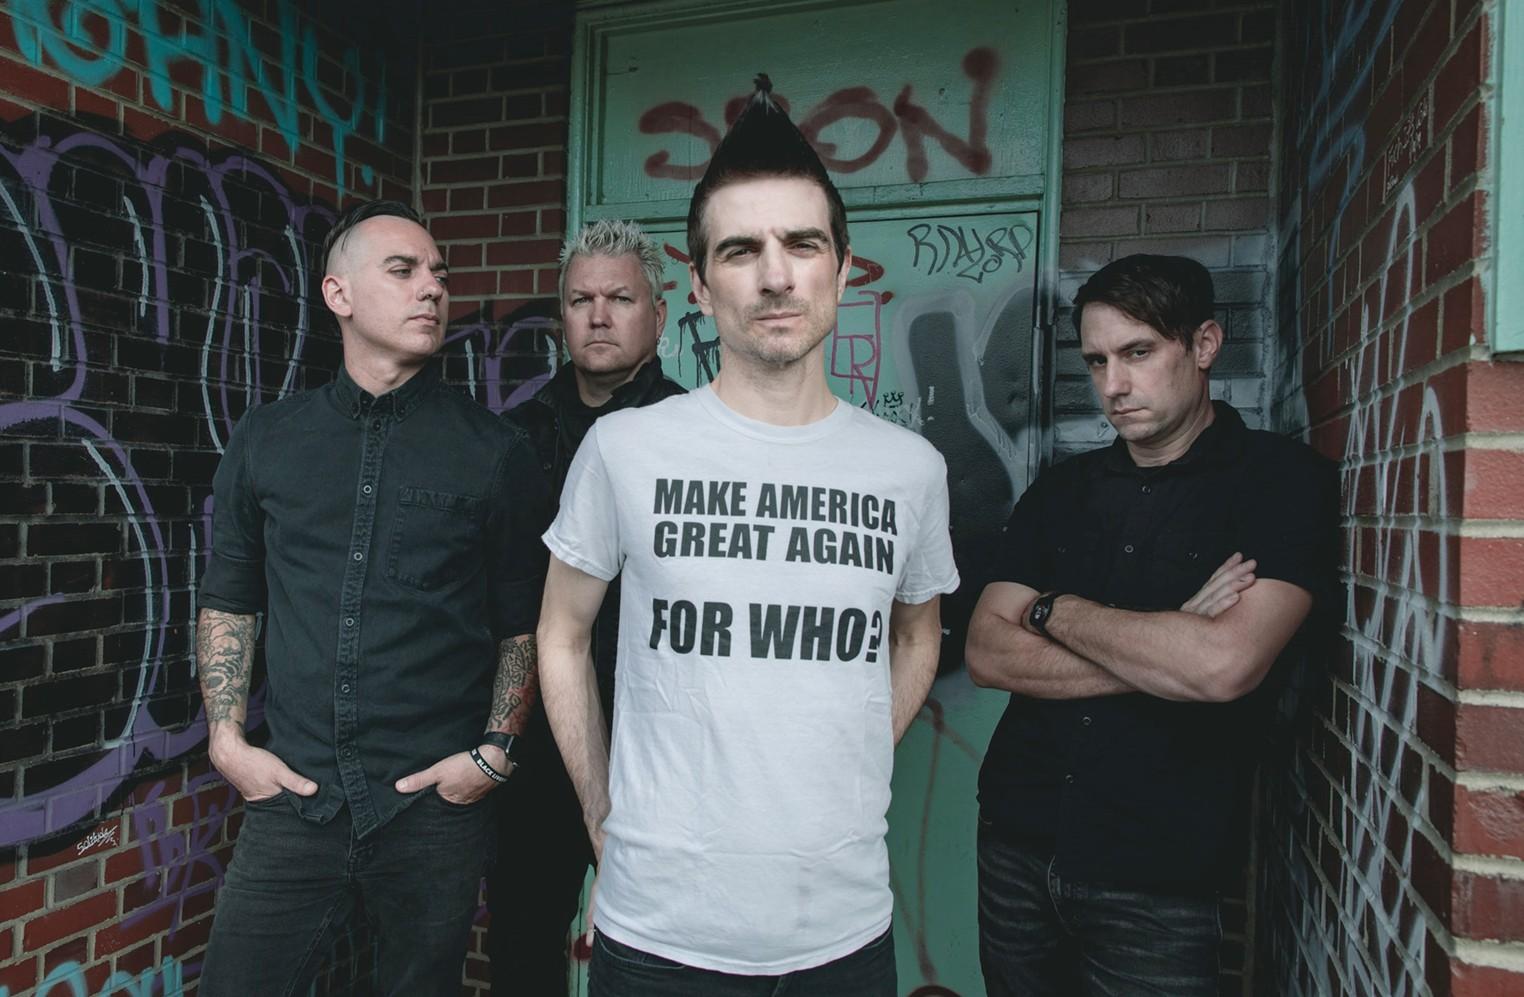 Best Phoenix Concerts This Week: Anti-Flag, Cold War Kids, Black Dahlia Murder